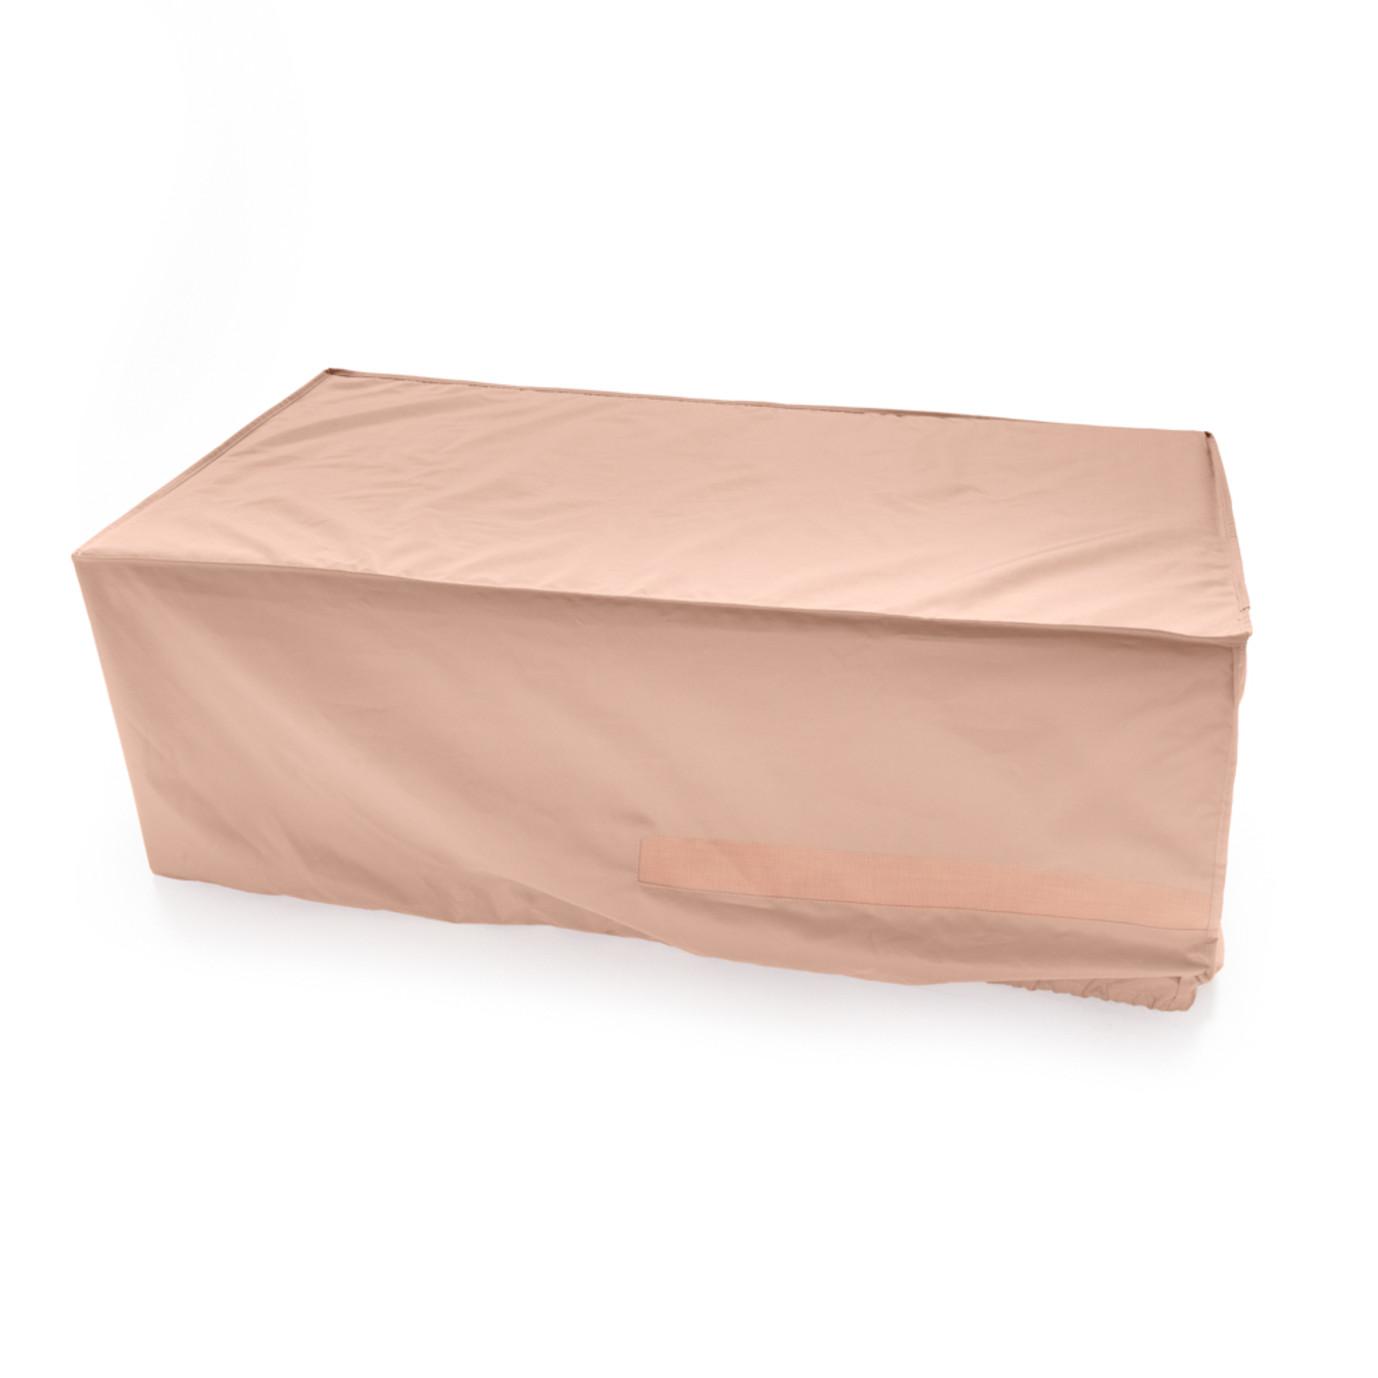 Modular 26x46 Coffee Table Furniture Cover